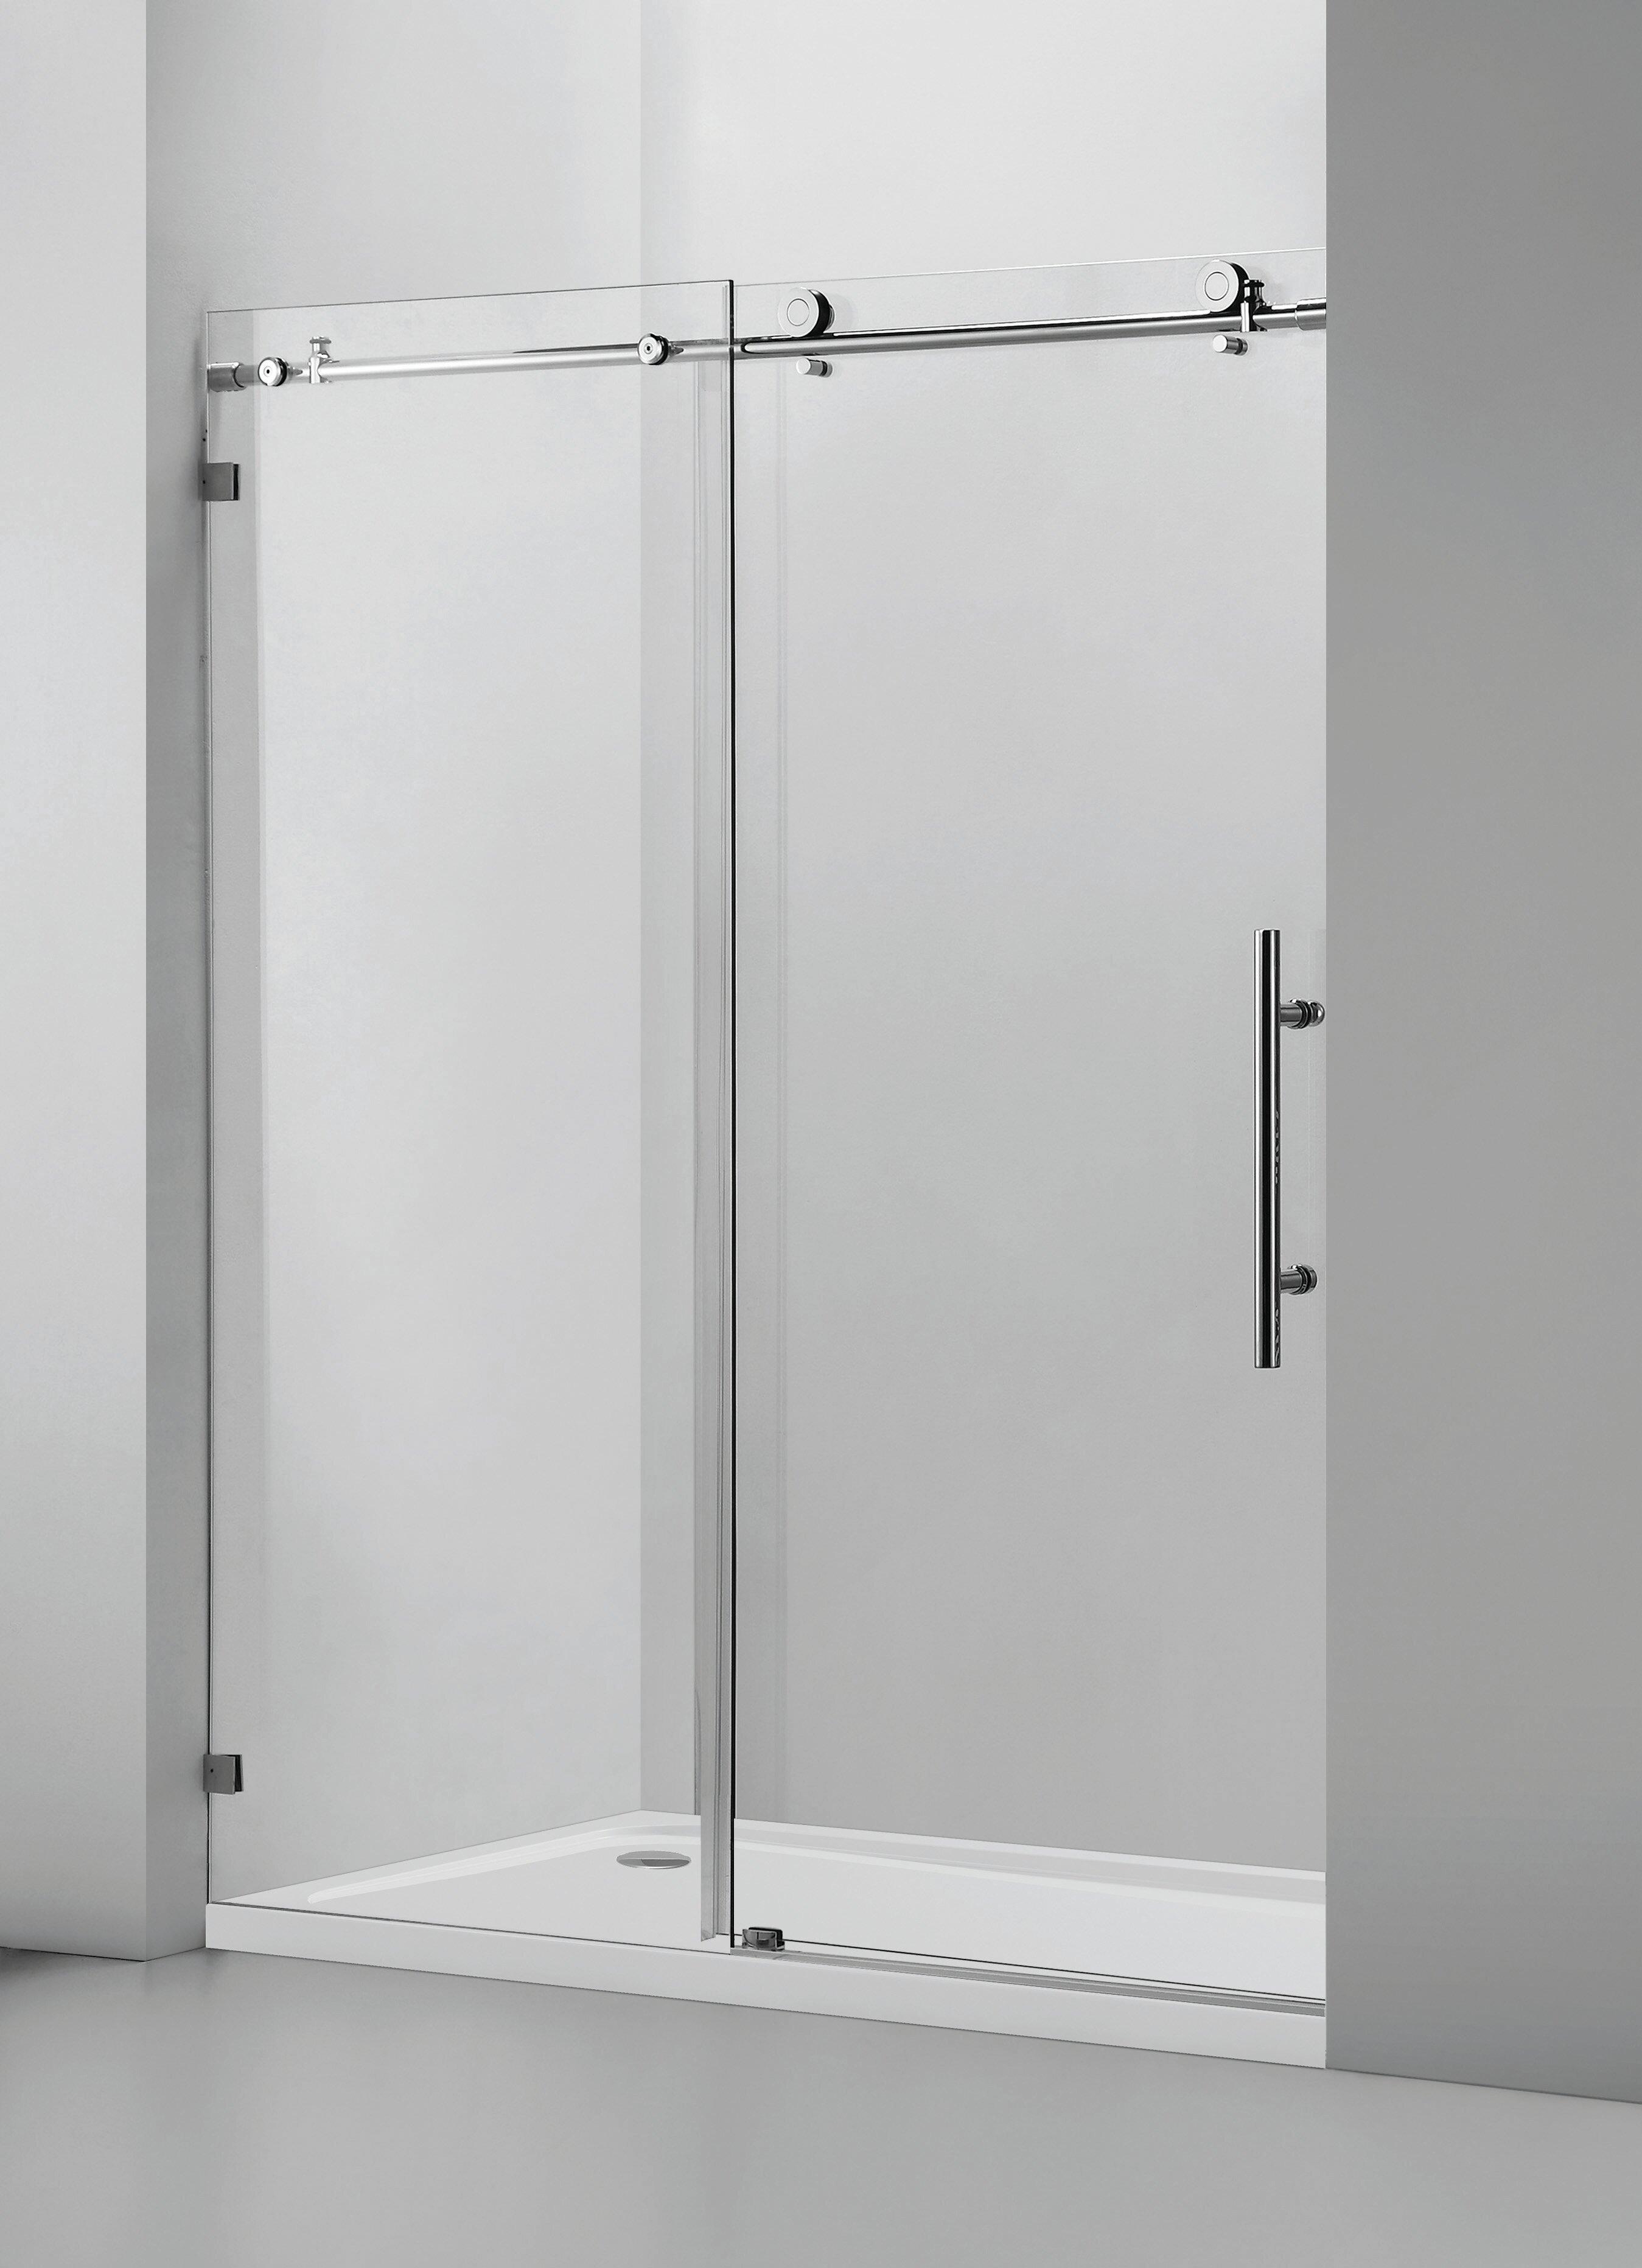 Vanity Art Glass Barn 60 W X 76 H Single Sliding Frameless Shower Door Reviews